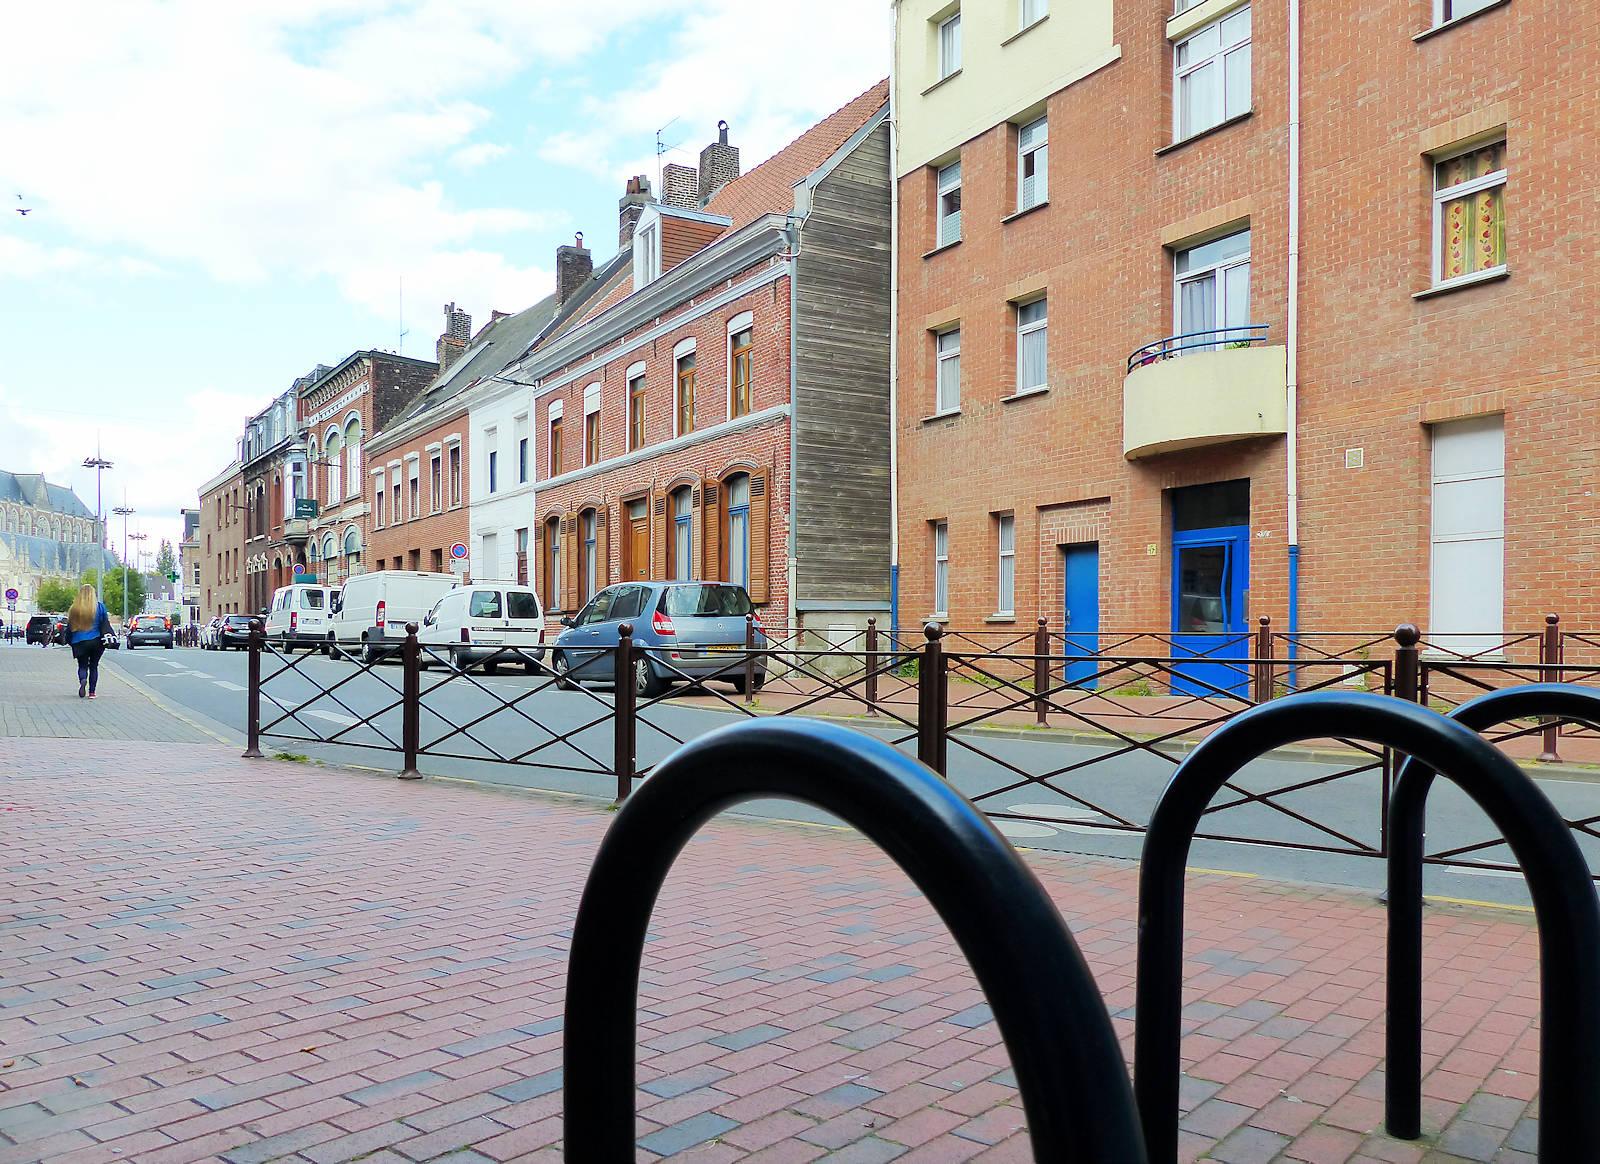 Rue des Anges, Tourcoing - Arceaux Vélos, 2 roues